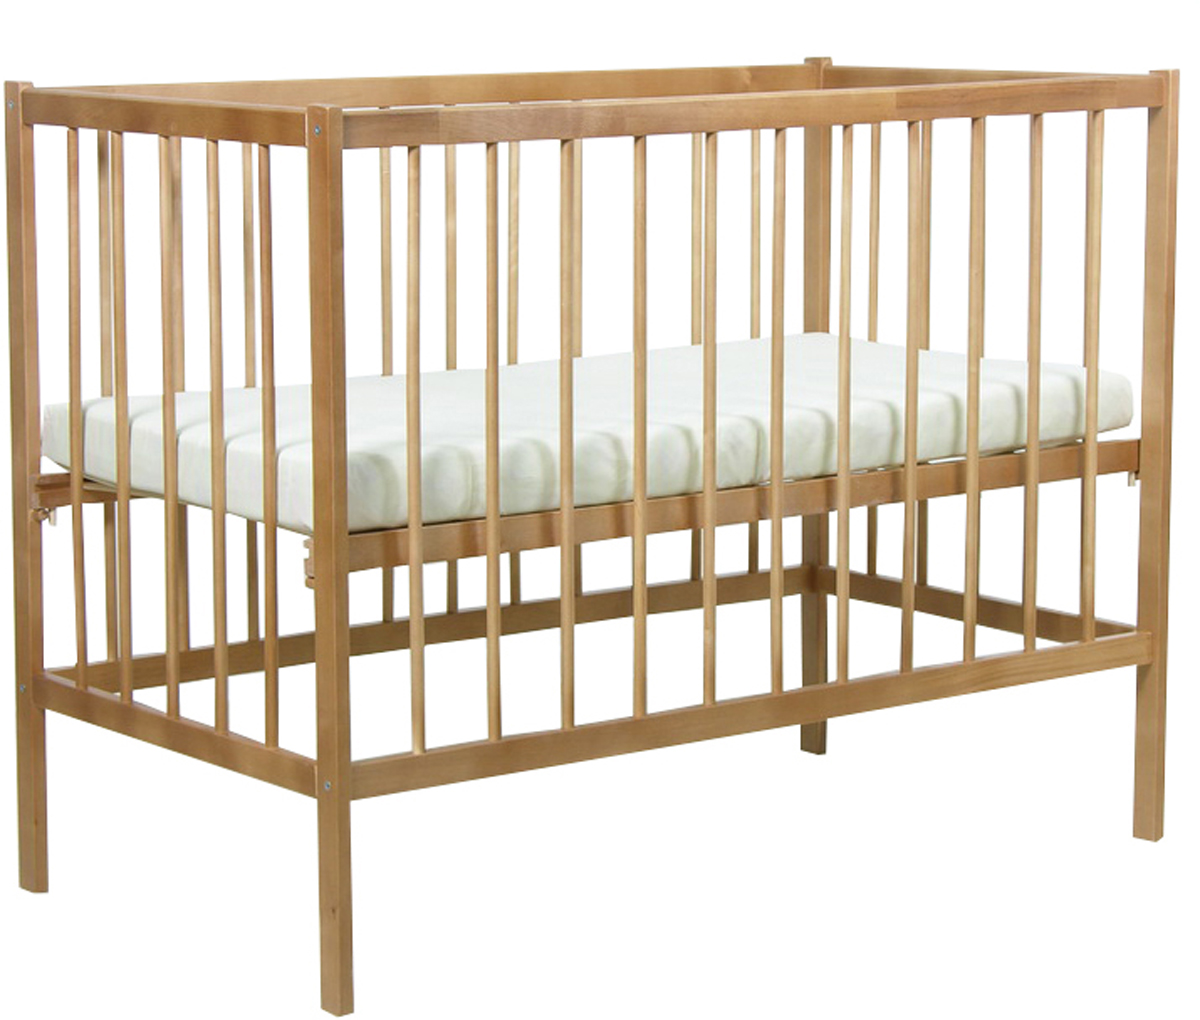 Фея Кровать детская цвет медовый 0005509-010005509-01Габариты и вес: Размеры (ДхШхВ) – 124 х 68 х 96 см Размер ложа – 60 х 120 см Вес - 13 кг.